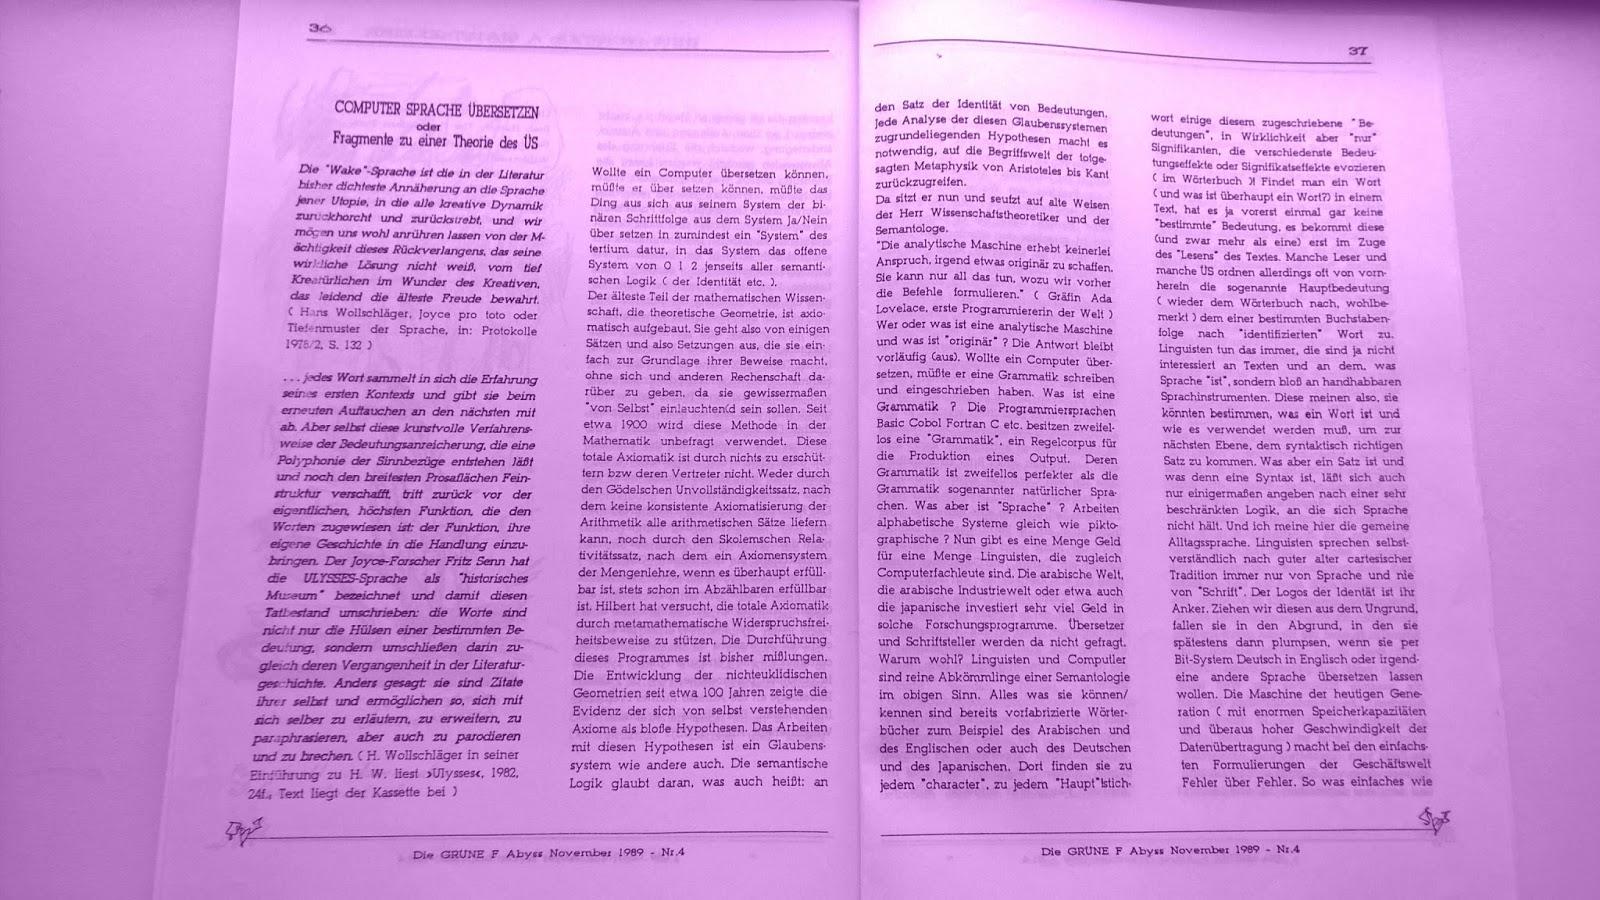 So Wie Es War Egon Jameson Droste 1977 Angemessener Preis Berlin Historische Ansichten Buch